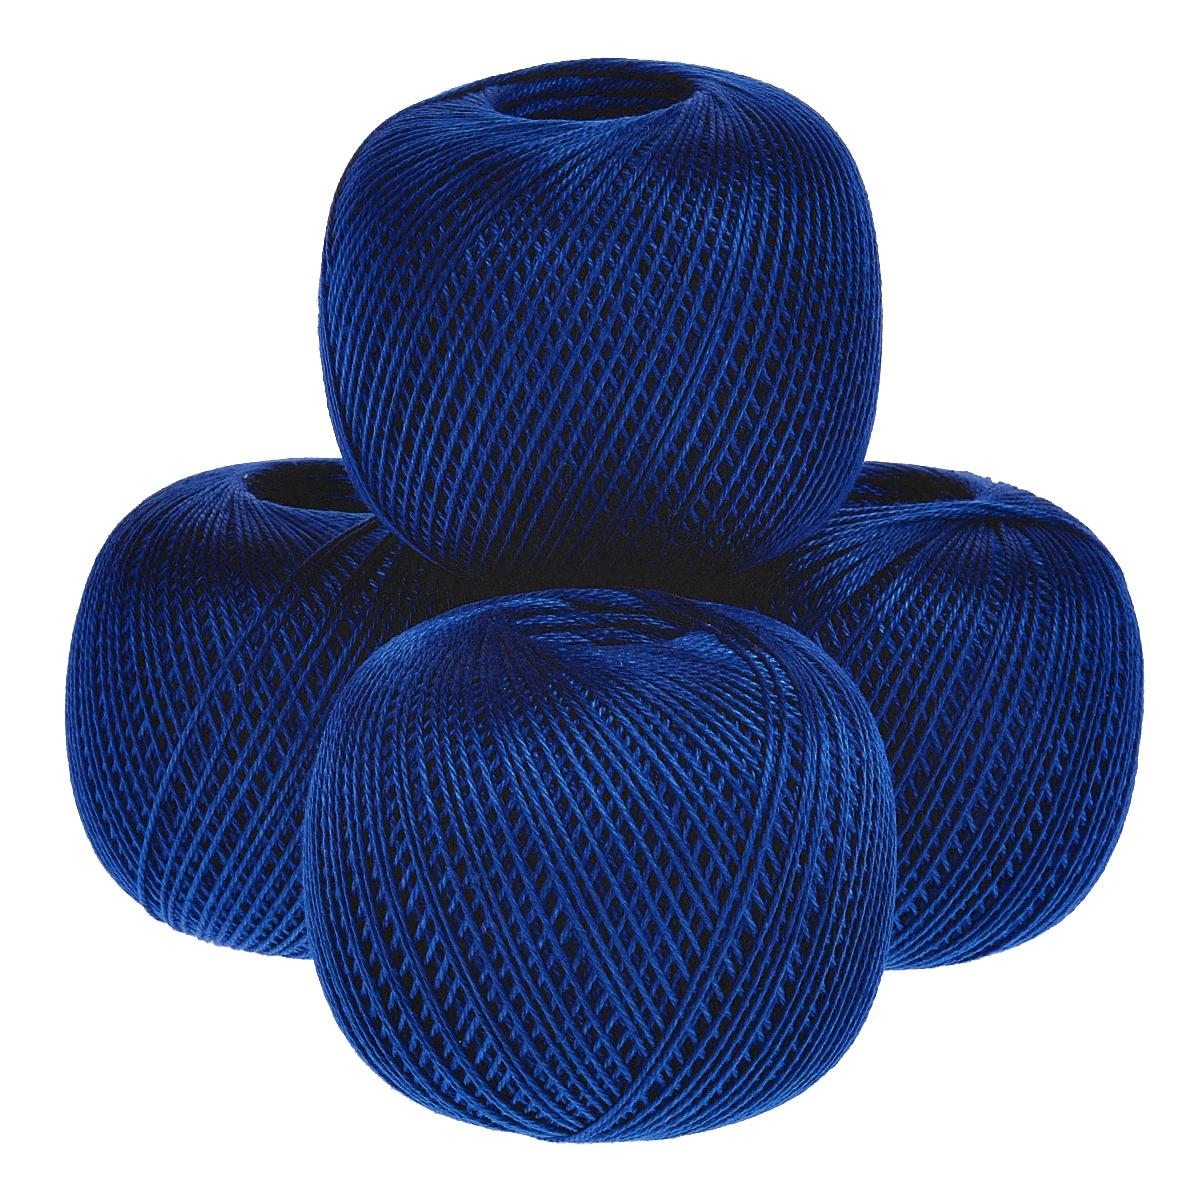 Нитки вязальные Нарцисс, хлопчатобумажные, цвет: темно-синий (2411), 395 м, 100 г, 4 шт0211402071778